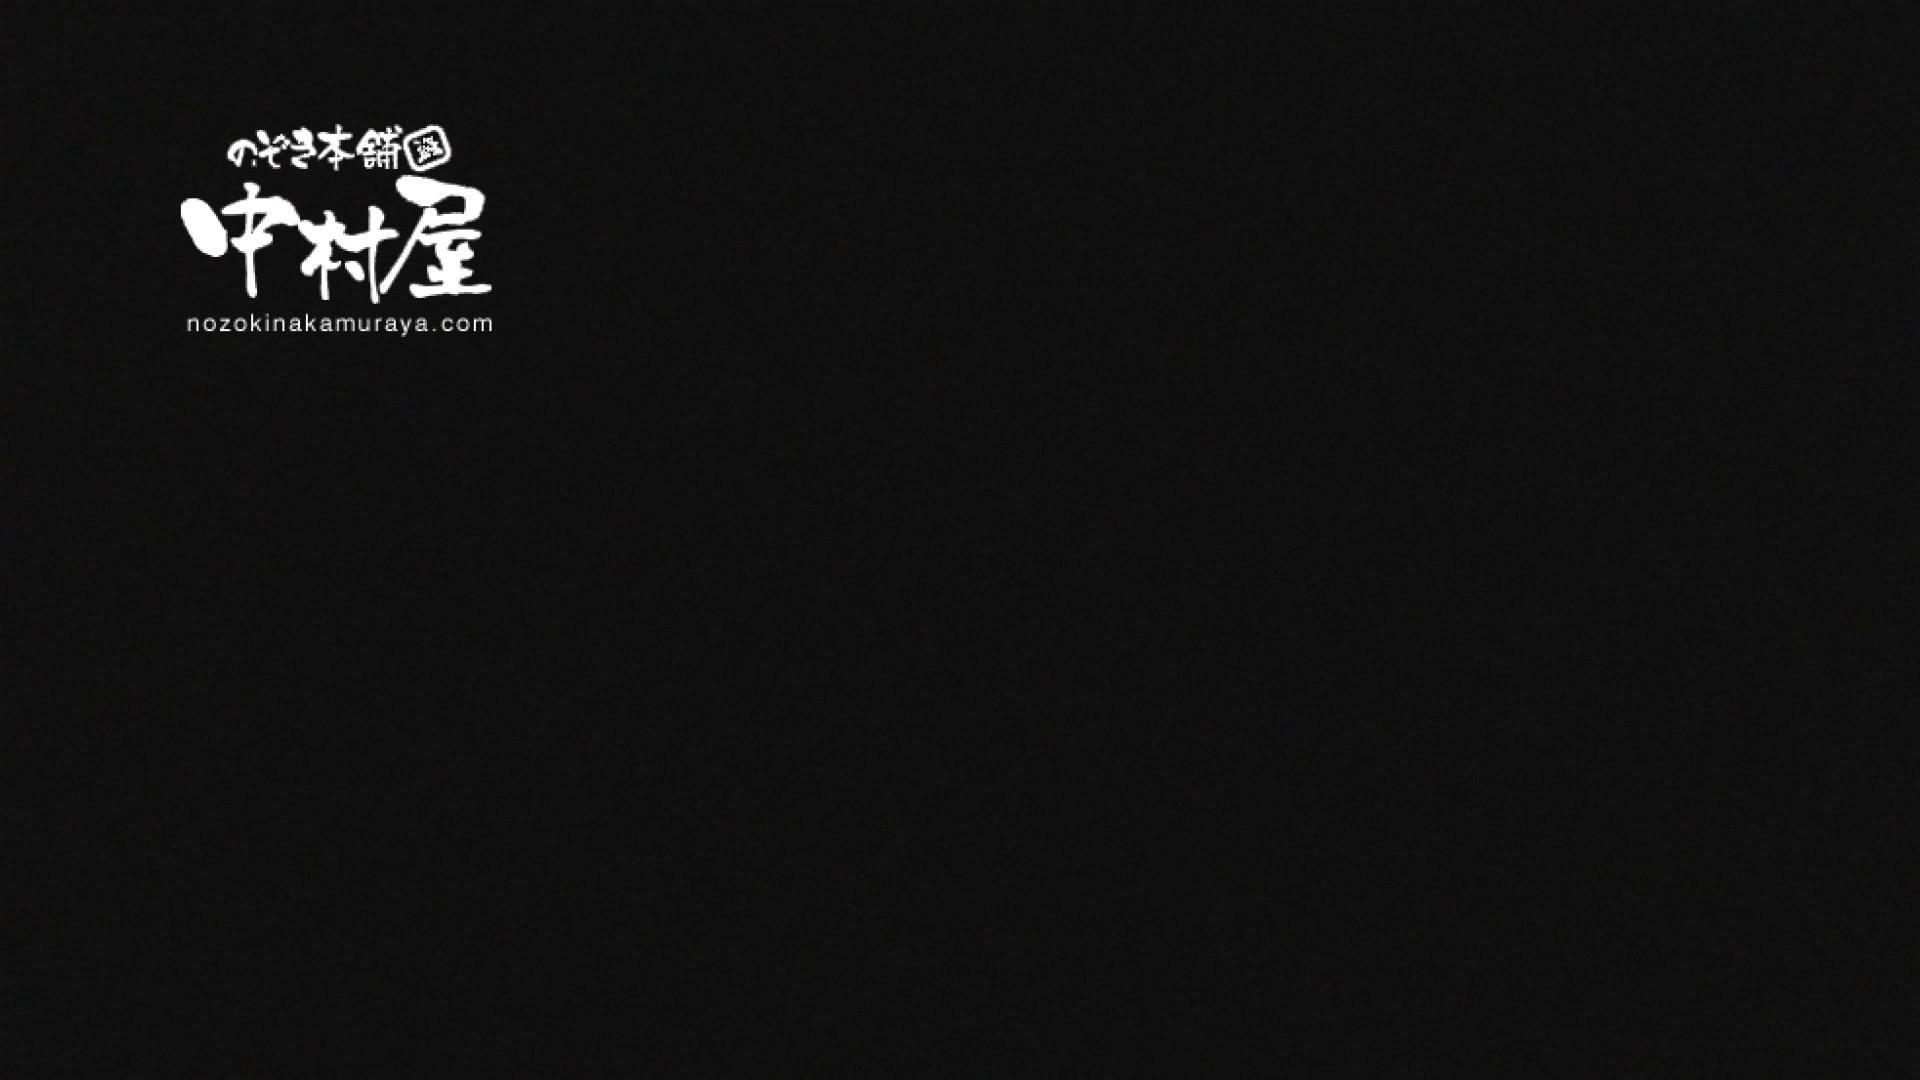 鬼畜 vol.19 ワカ目ちゃんに中出し刑 後編 鬼畜  112PIX 106